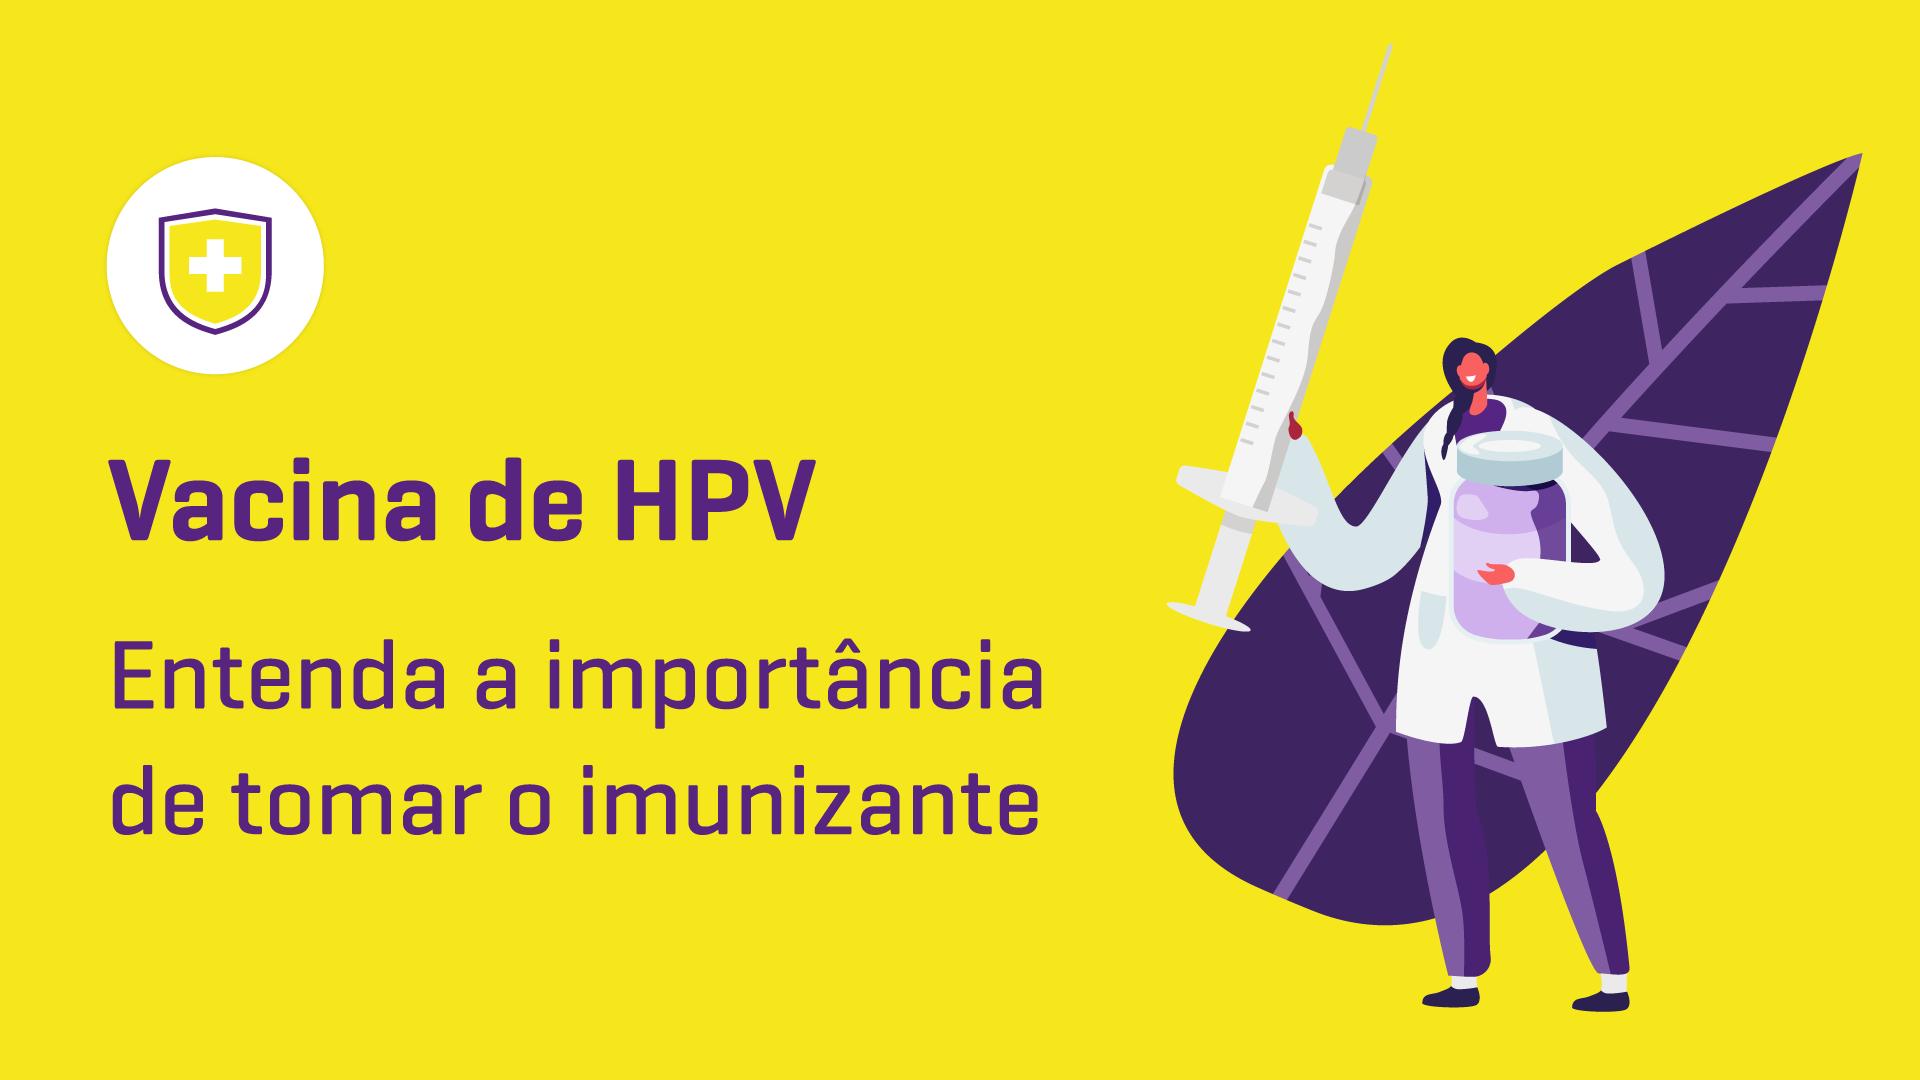 Vacina de HPV: entenda a importância